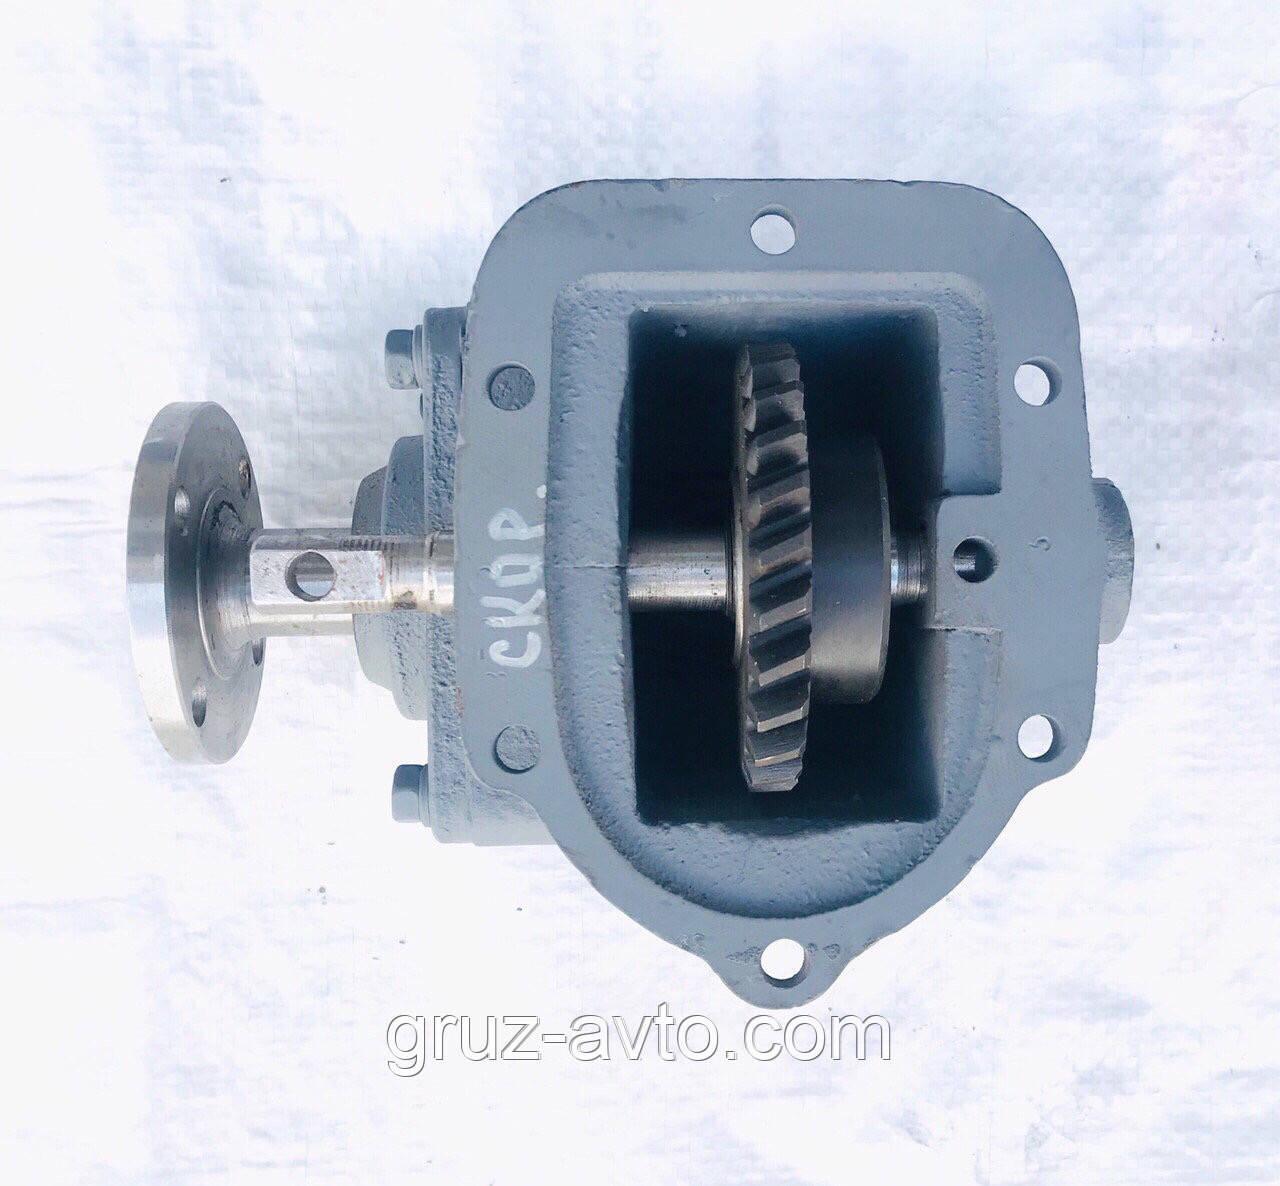 Коробка відбору потужності КОМ ГАЗ-53 під кардан швидкісна / бензовоз асенізатор / Z-26 53б-4202010-09